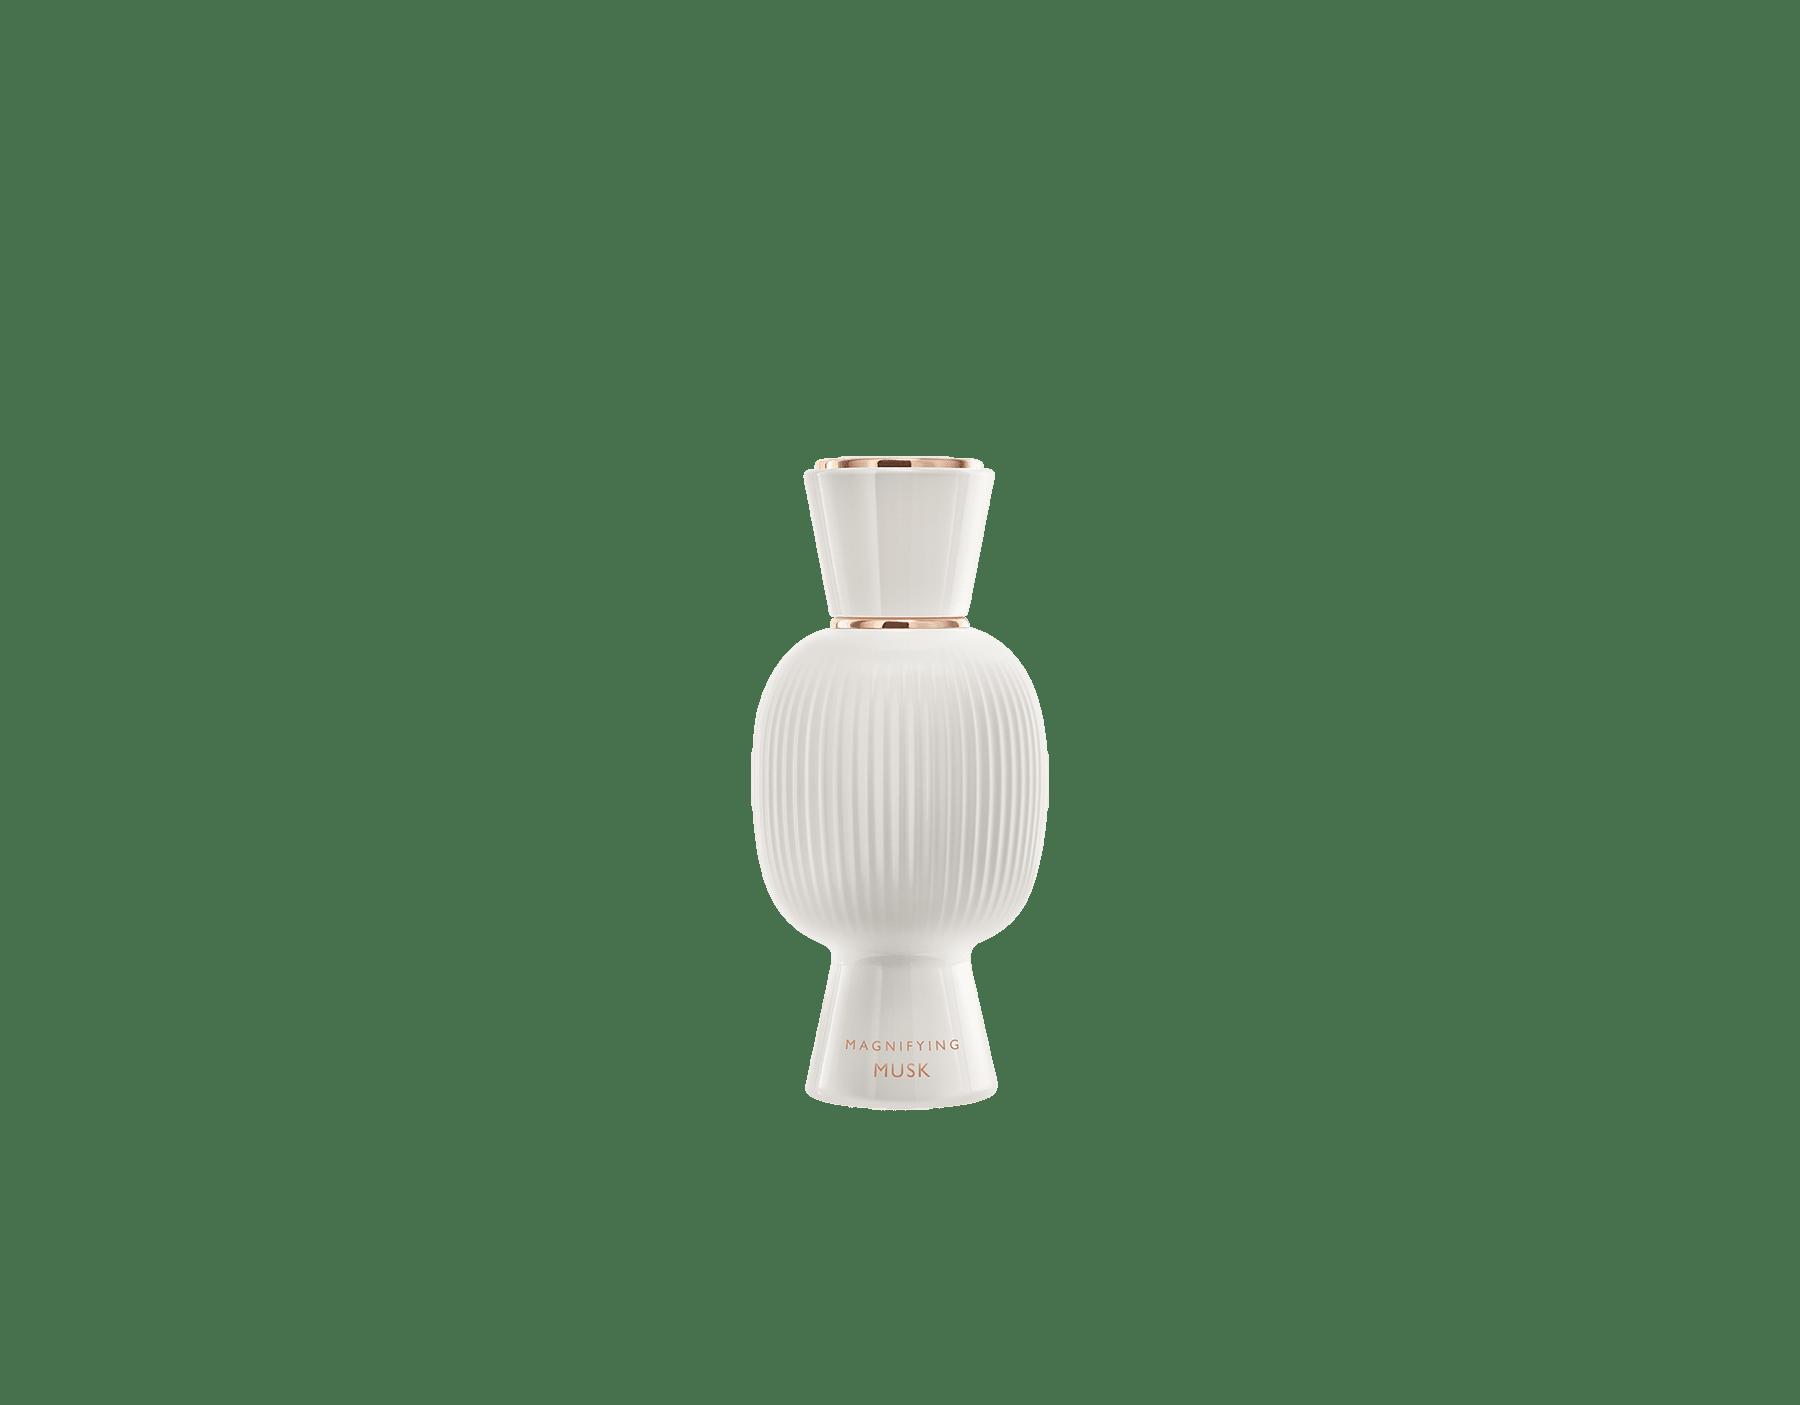 La douceur de Magnifying Musk élève l'âme de votre Eau de Parfum. #MagnifyForMore Bliss 41273 image 6